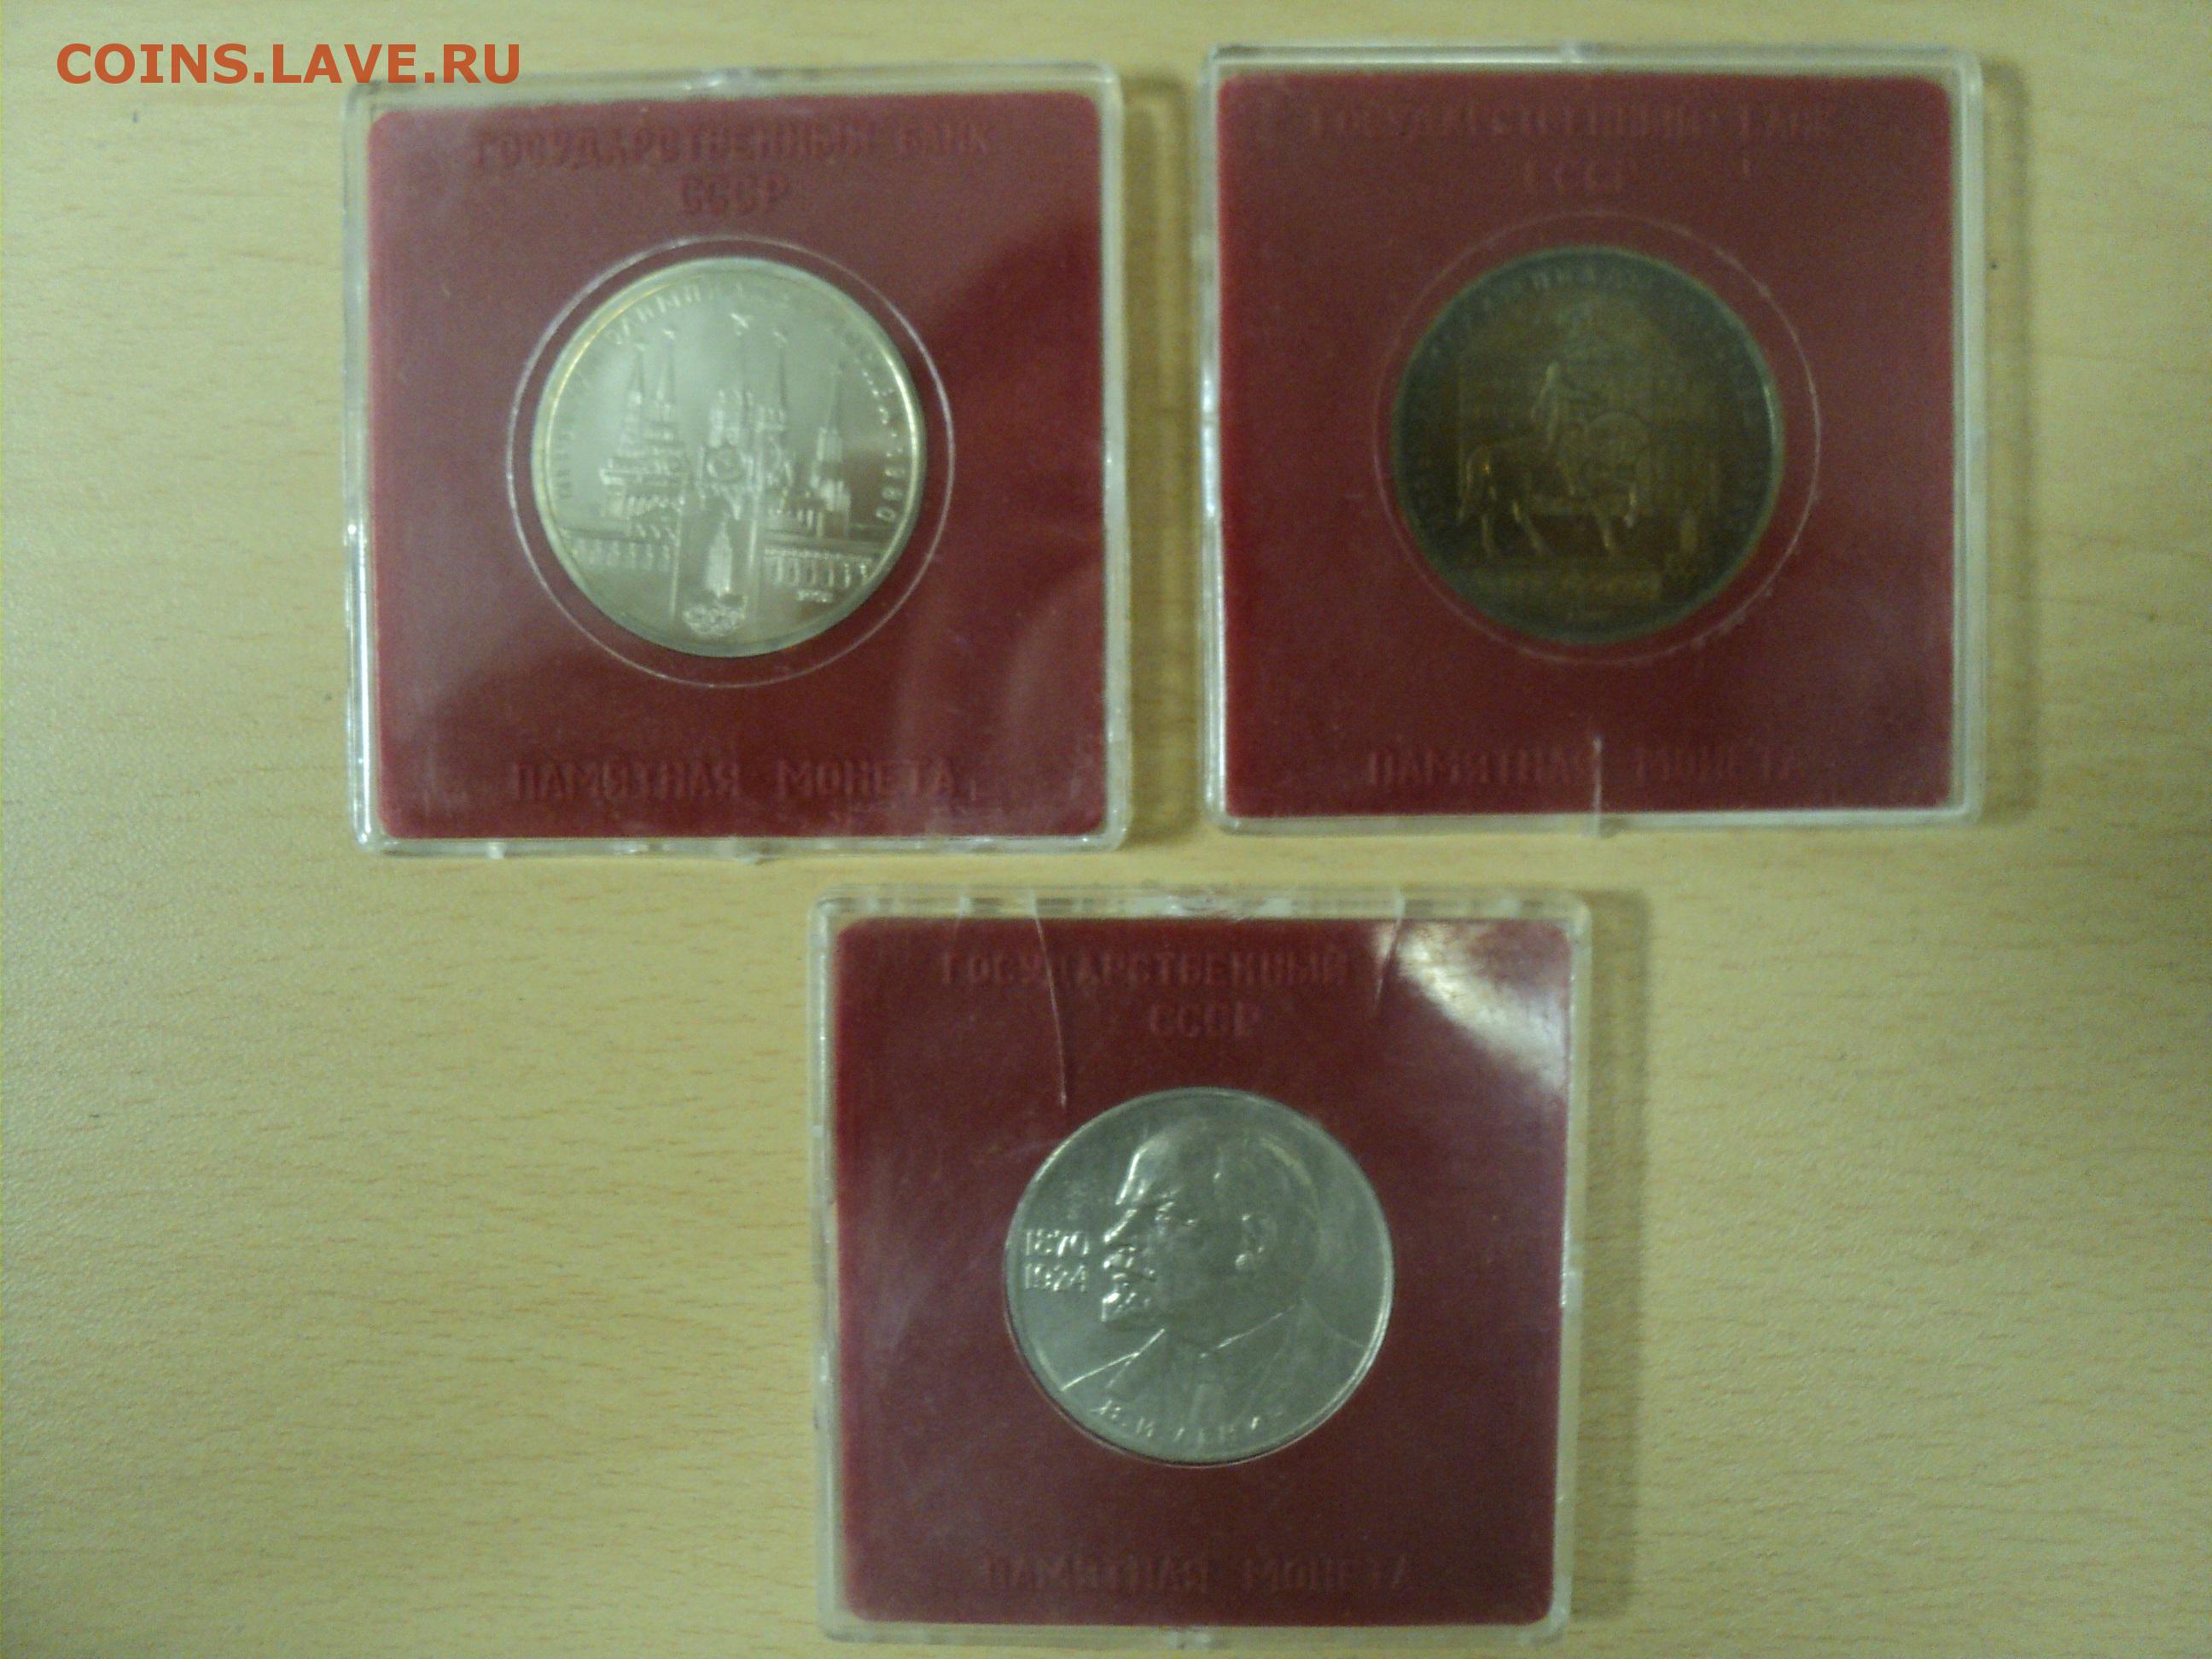 Коробки для юбилейных монет 50 tenne что это